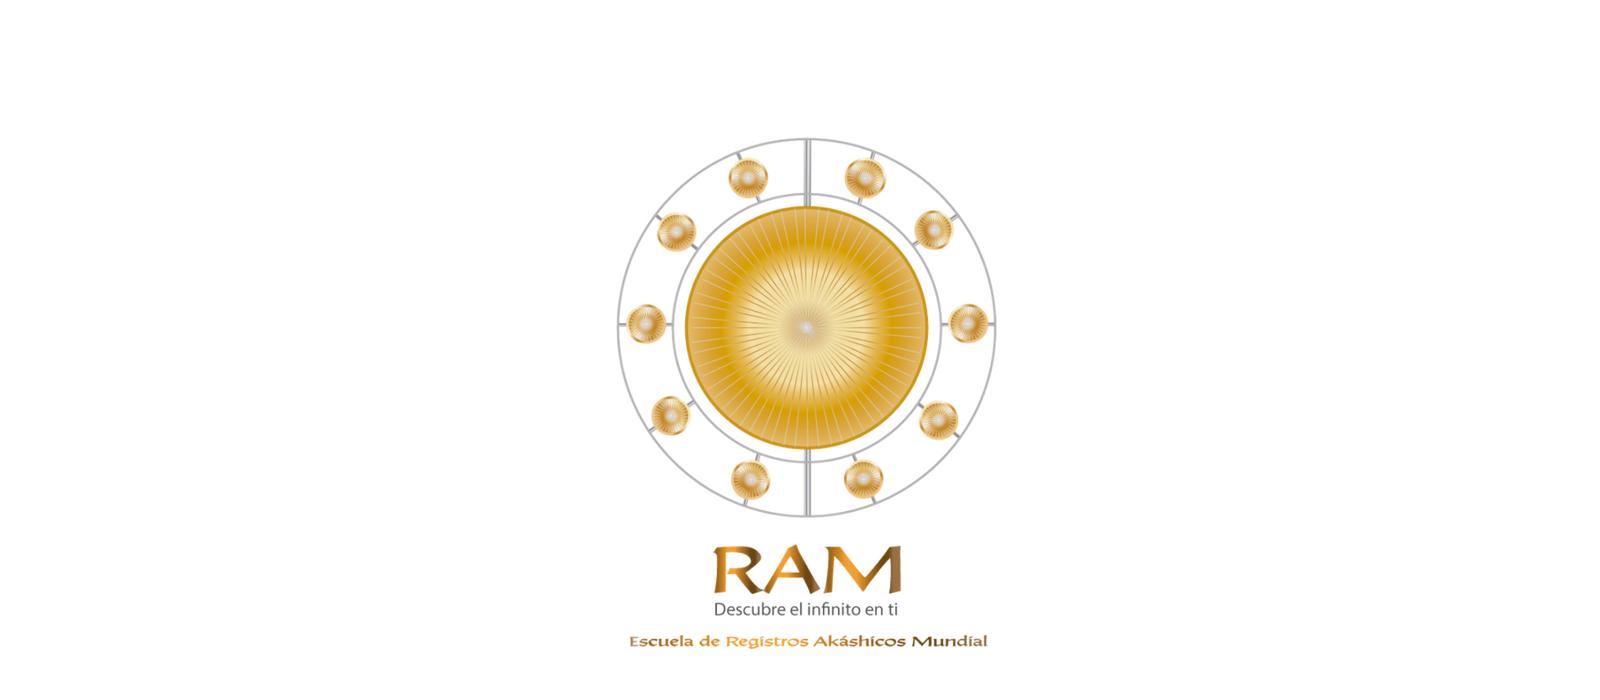 Escuela RAM